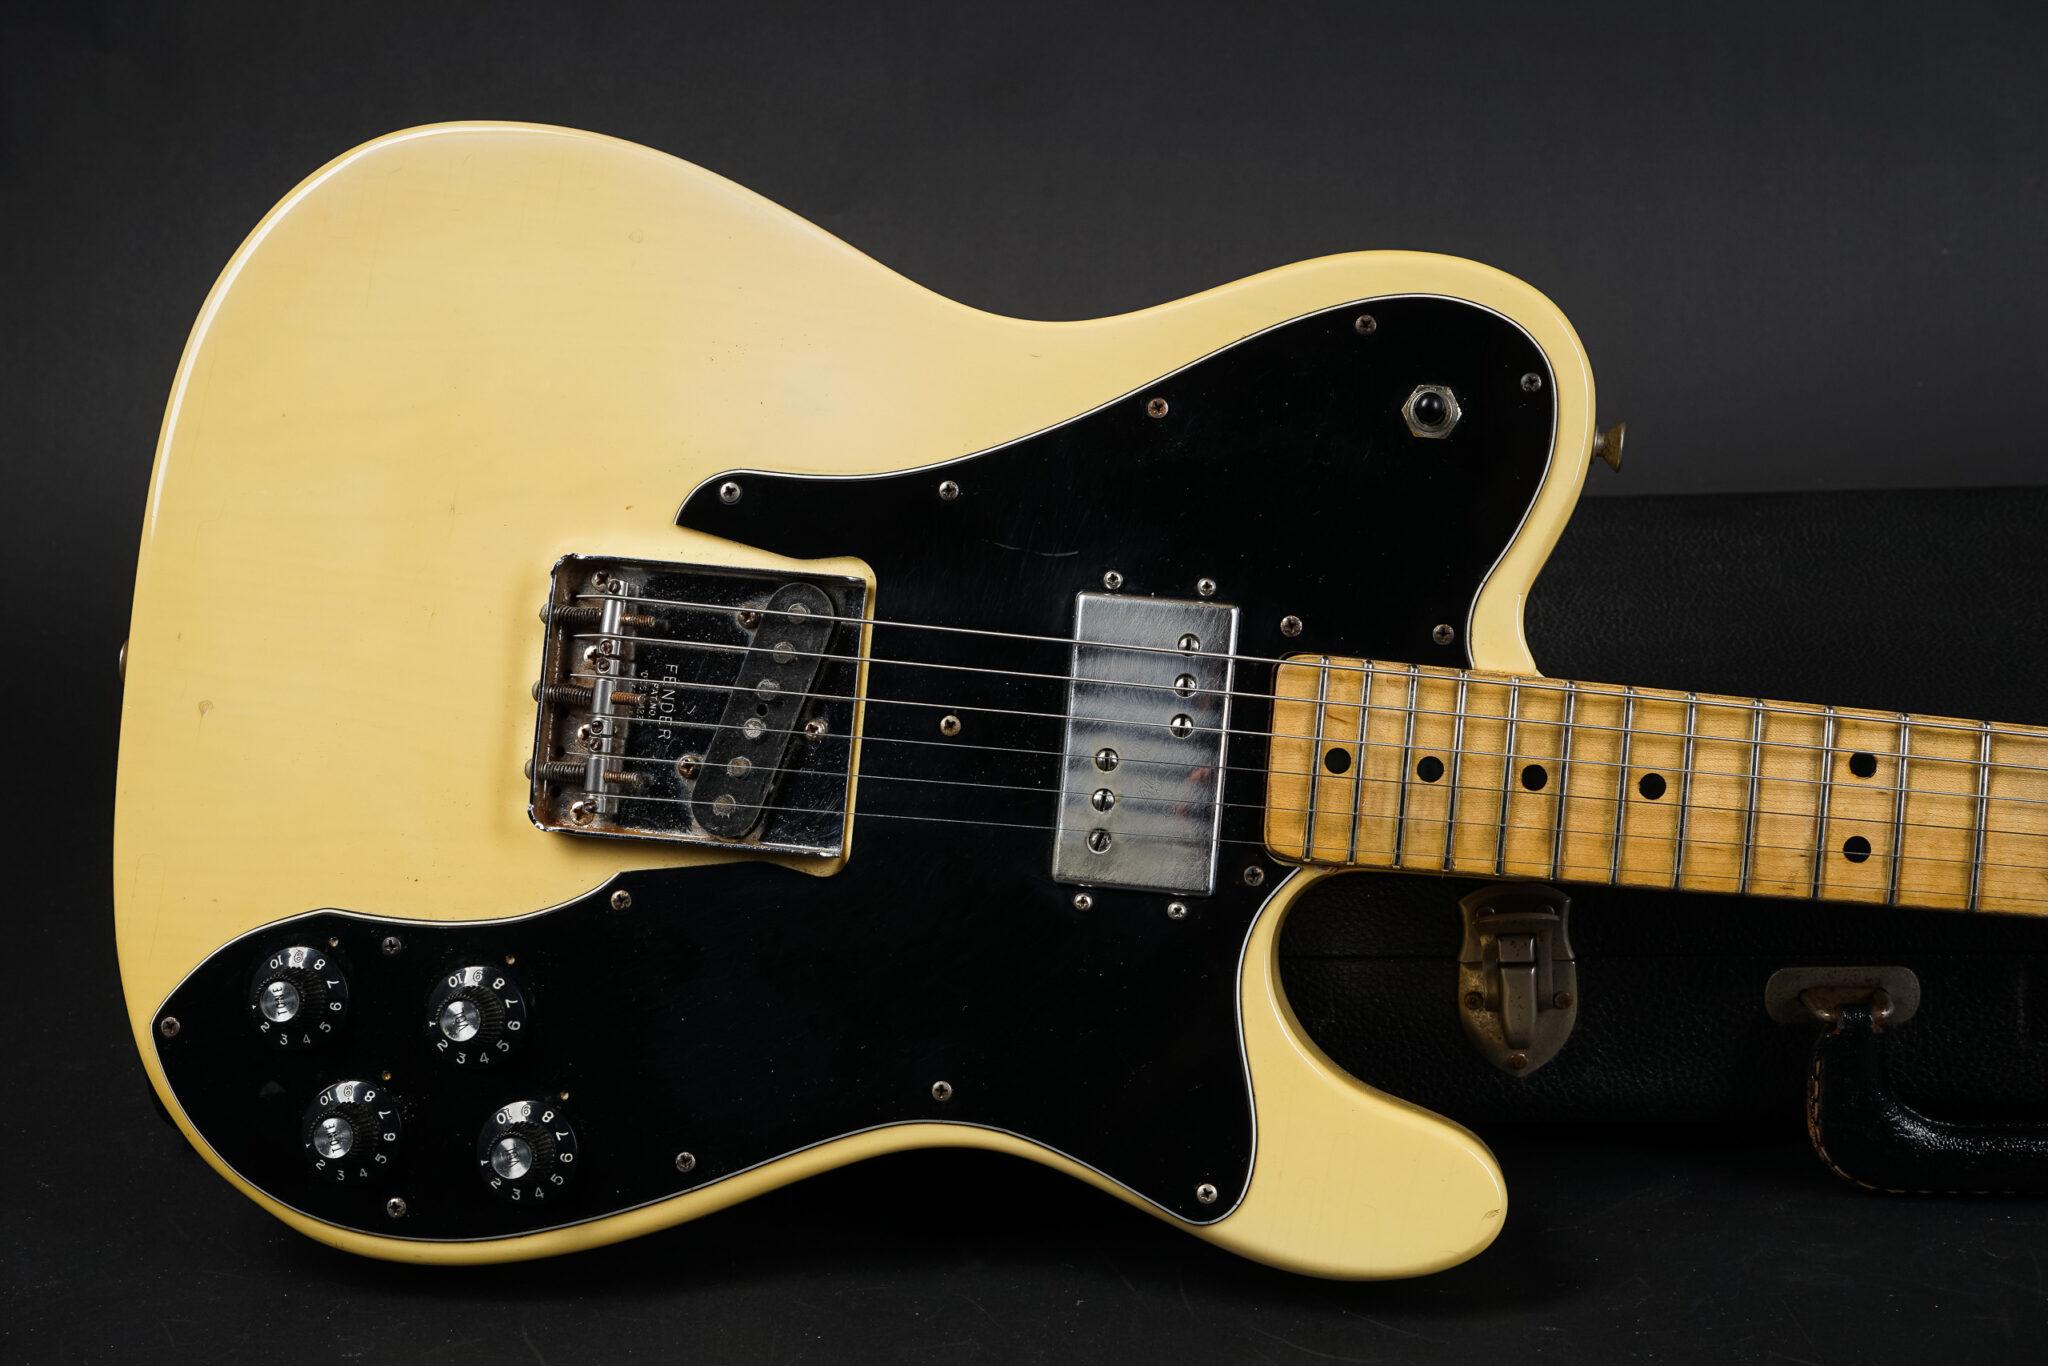 https://guitarpoint.de/app/uploads/products/1973-fender-telecaster-custom-blond-2/1973-Fender-Telecaster-Custom-533141-8-2048x1366.jpg